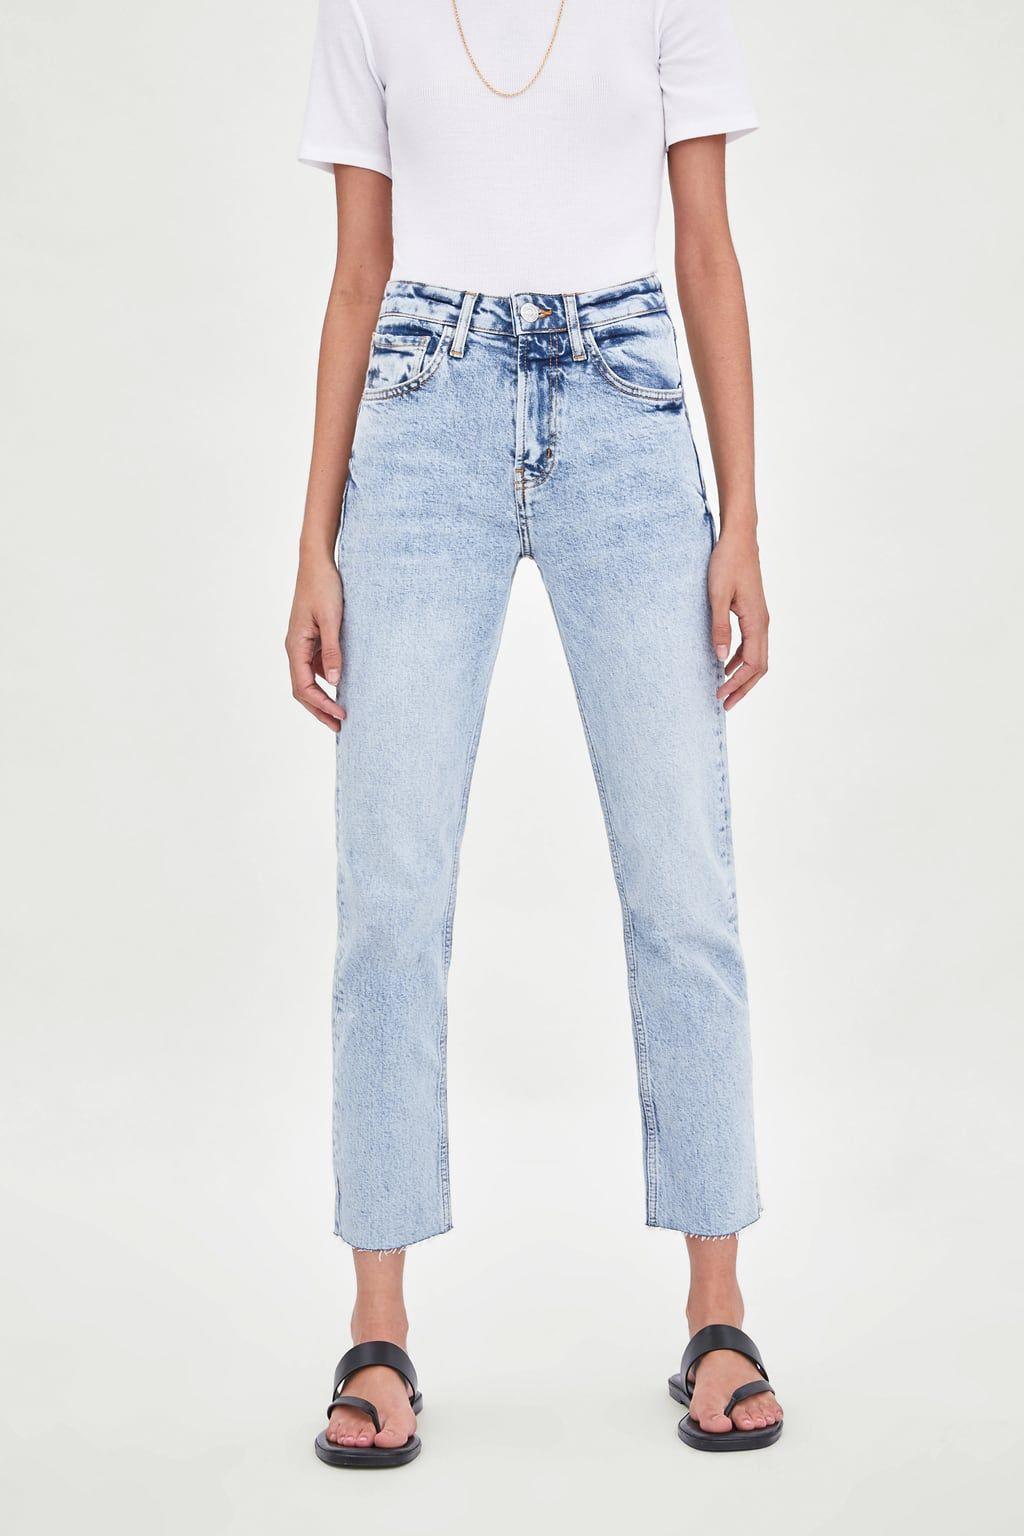 W2019 Dopasowane Spodnie Jeansowe Z Wysokim Stanem Zobacz Wiecej Jeansy Kobieta Zara Polska Slim Fit Zara Jeans